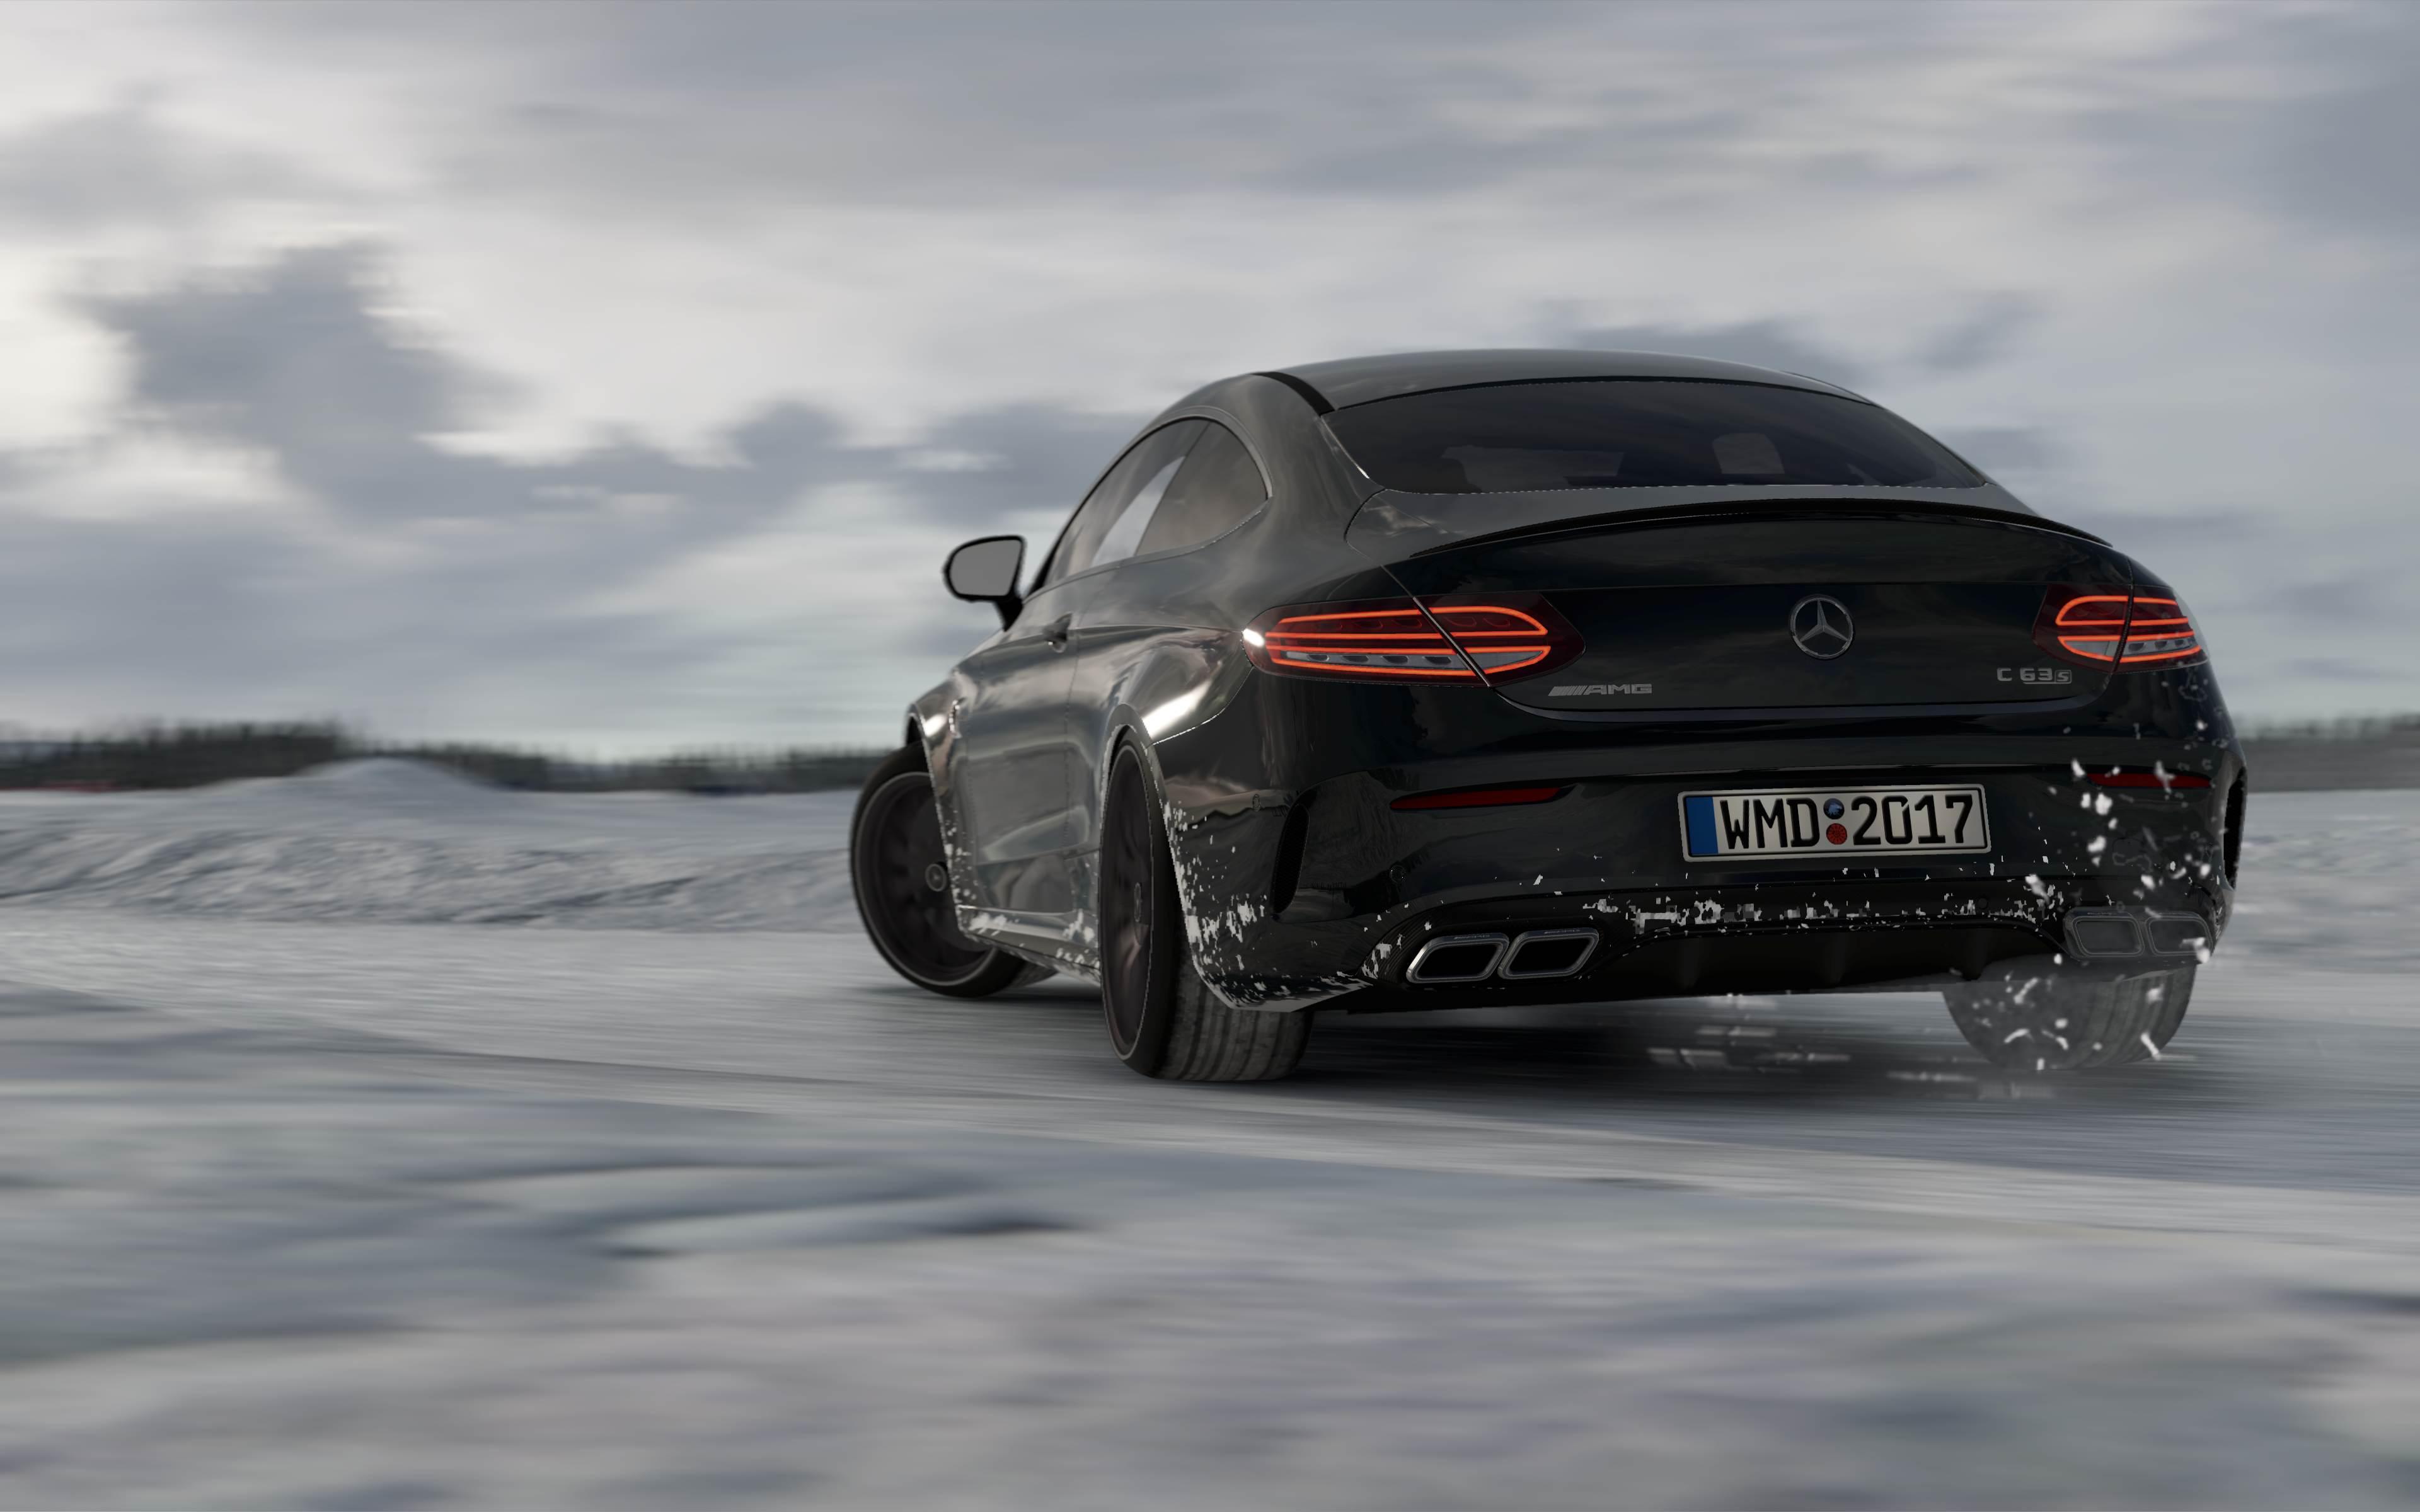 Auto motor und sport testwertungen - Project Cars 2 Bild 1